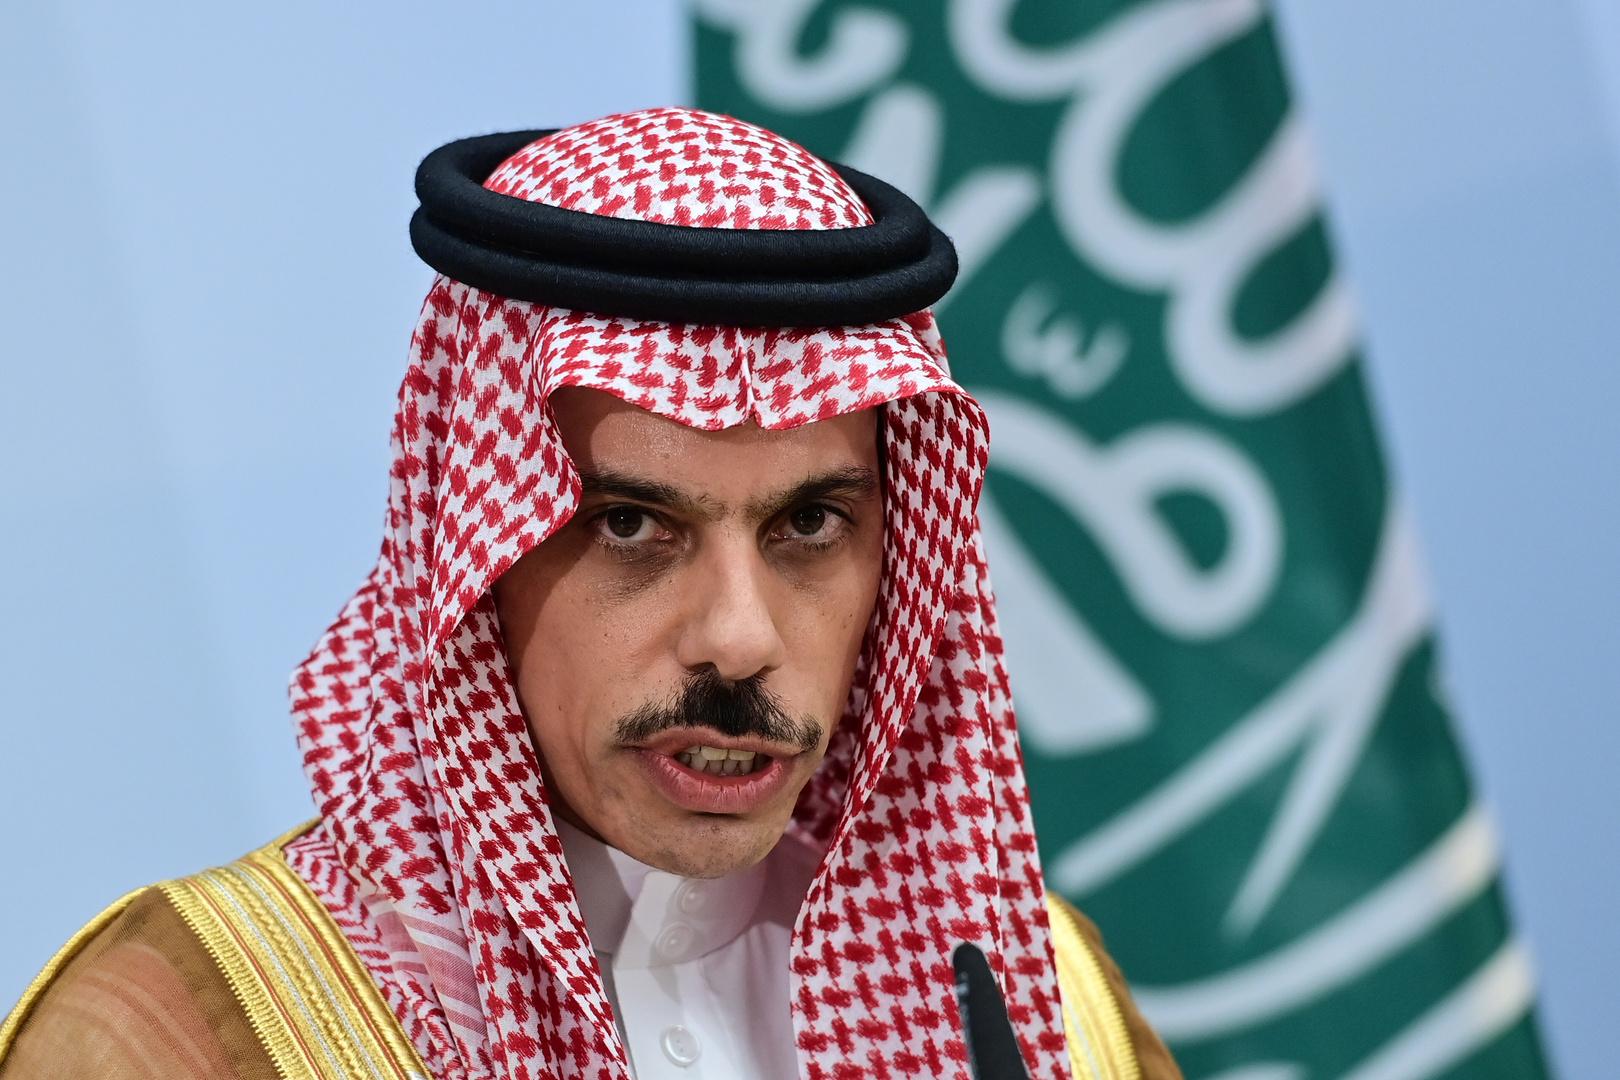 وزير الخارجية السعودي يلتقي نظيره الباكستاني ويناقشان دعم العلاقات بين البلدين (صور)